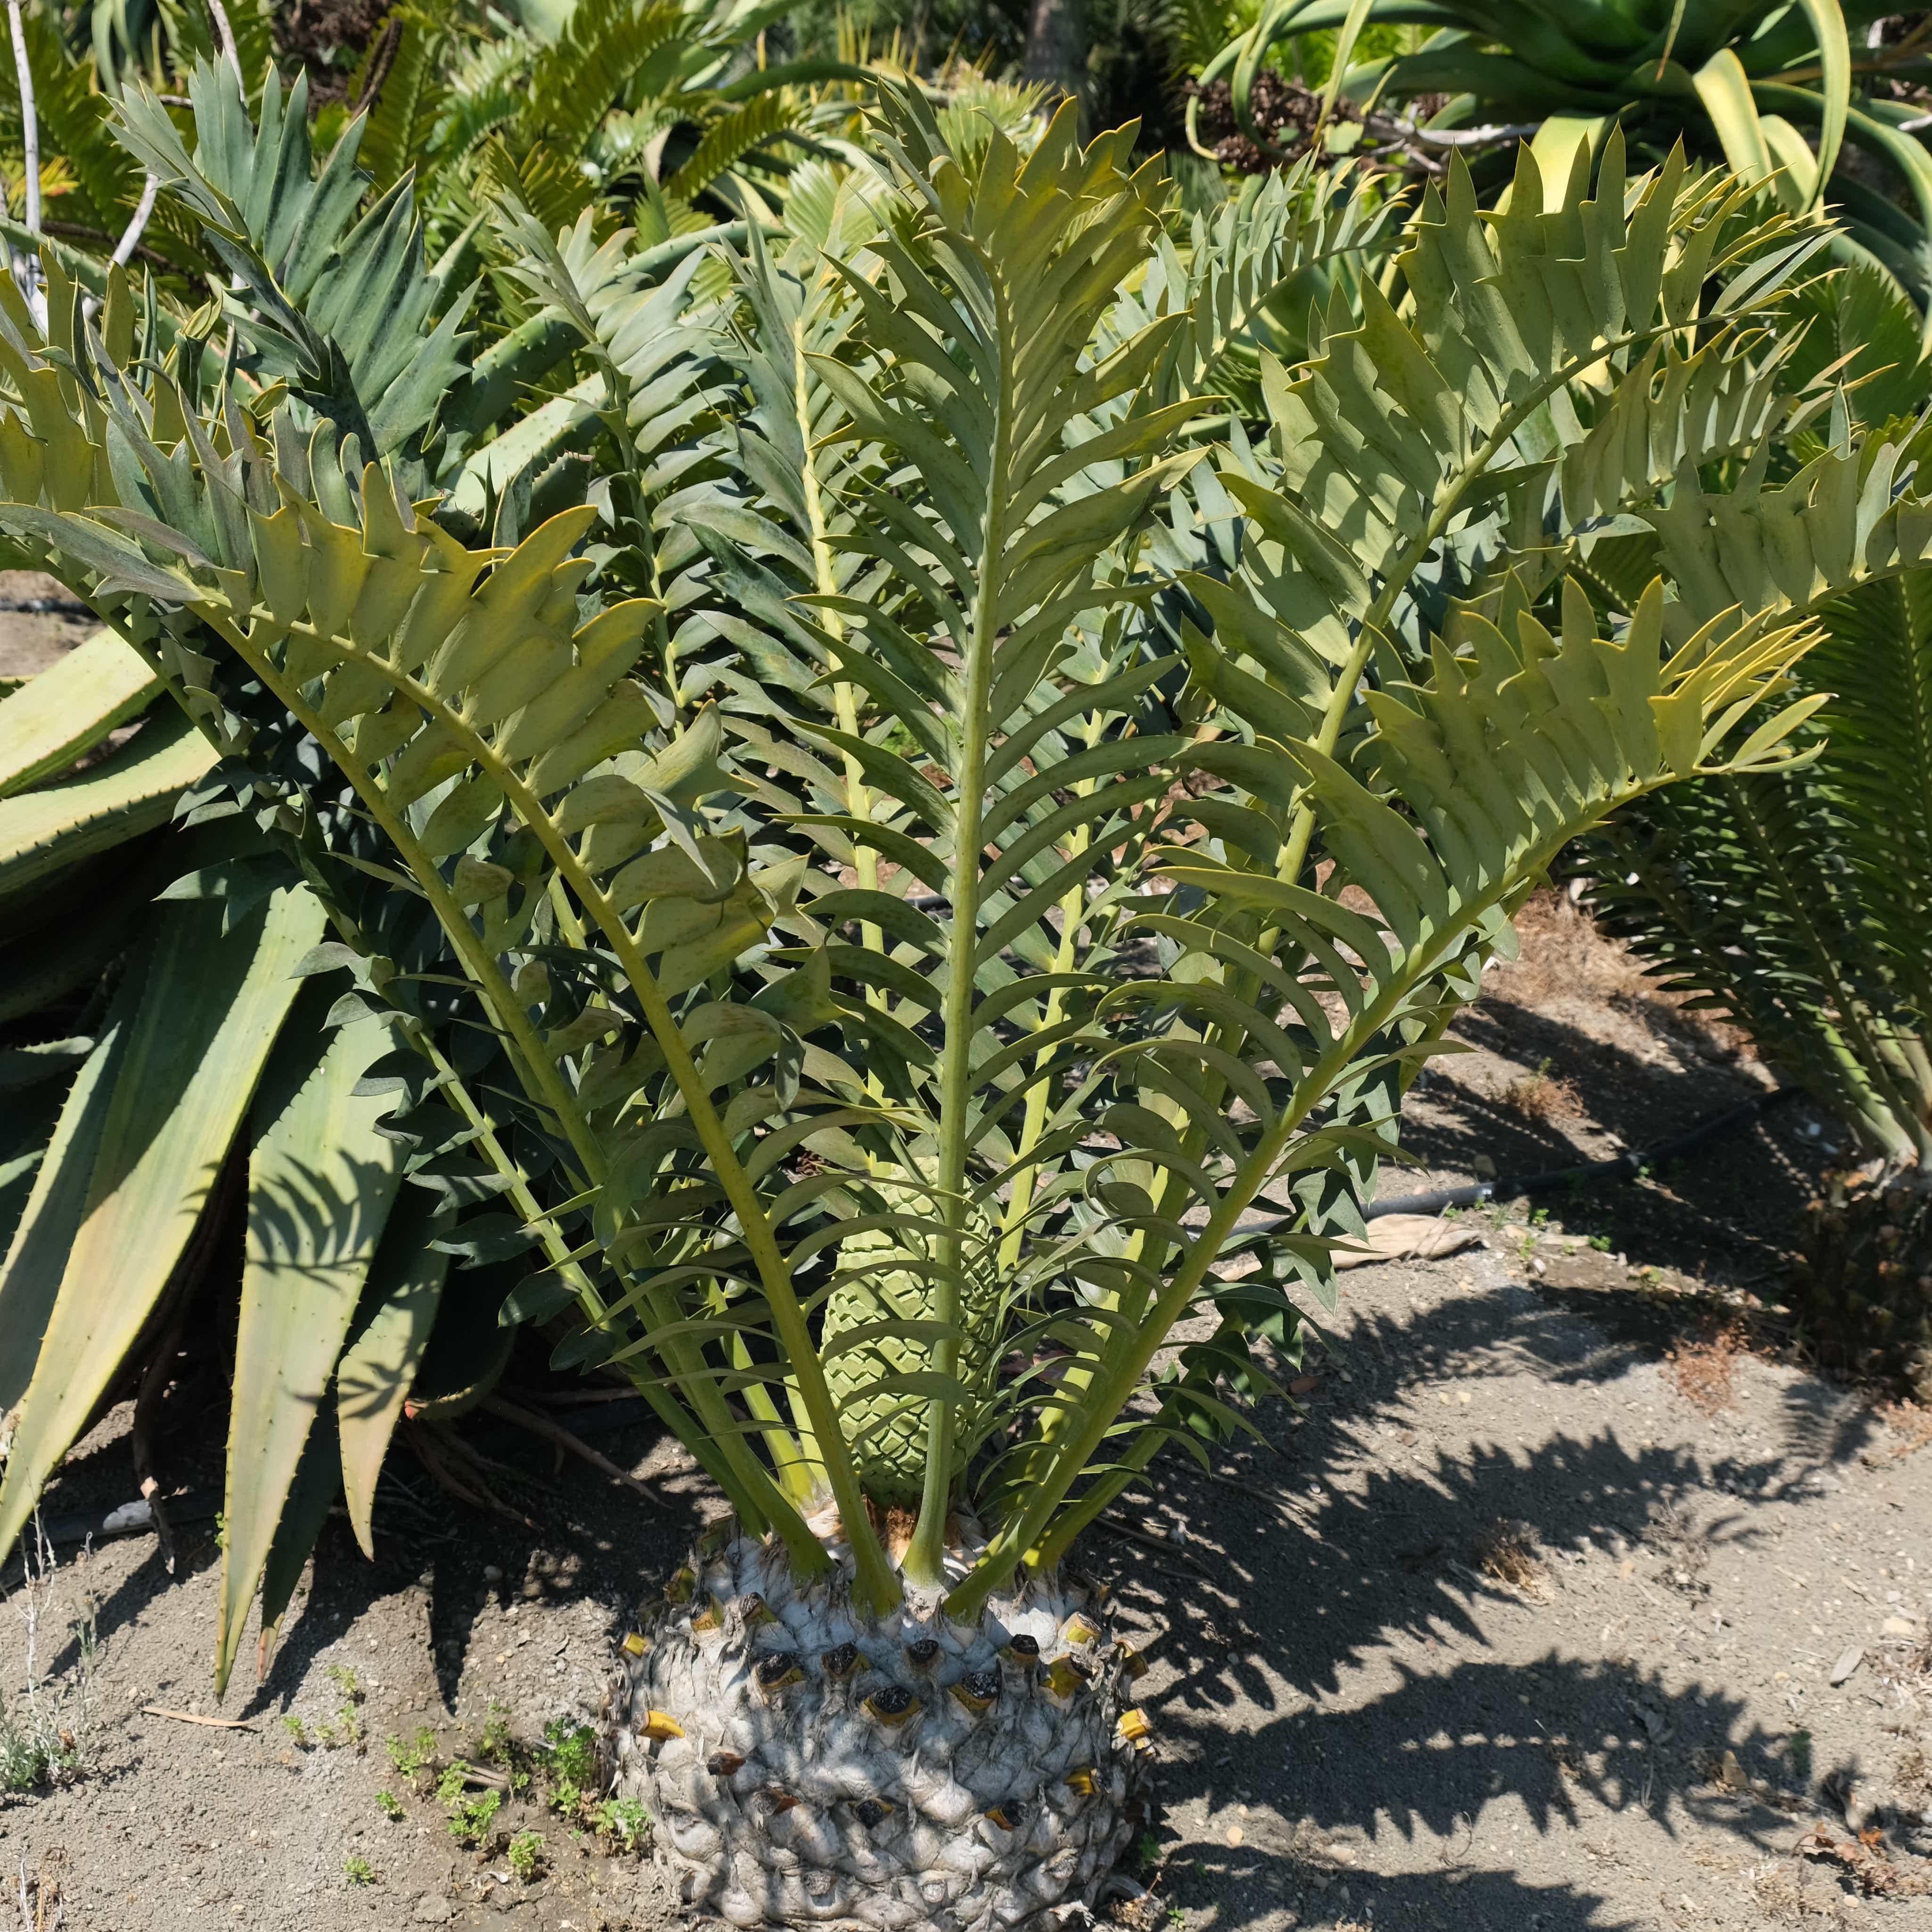 Encephalartos arenarius x horridus